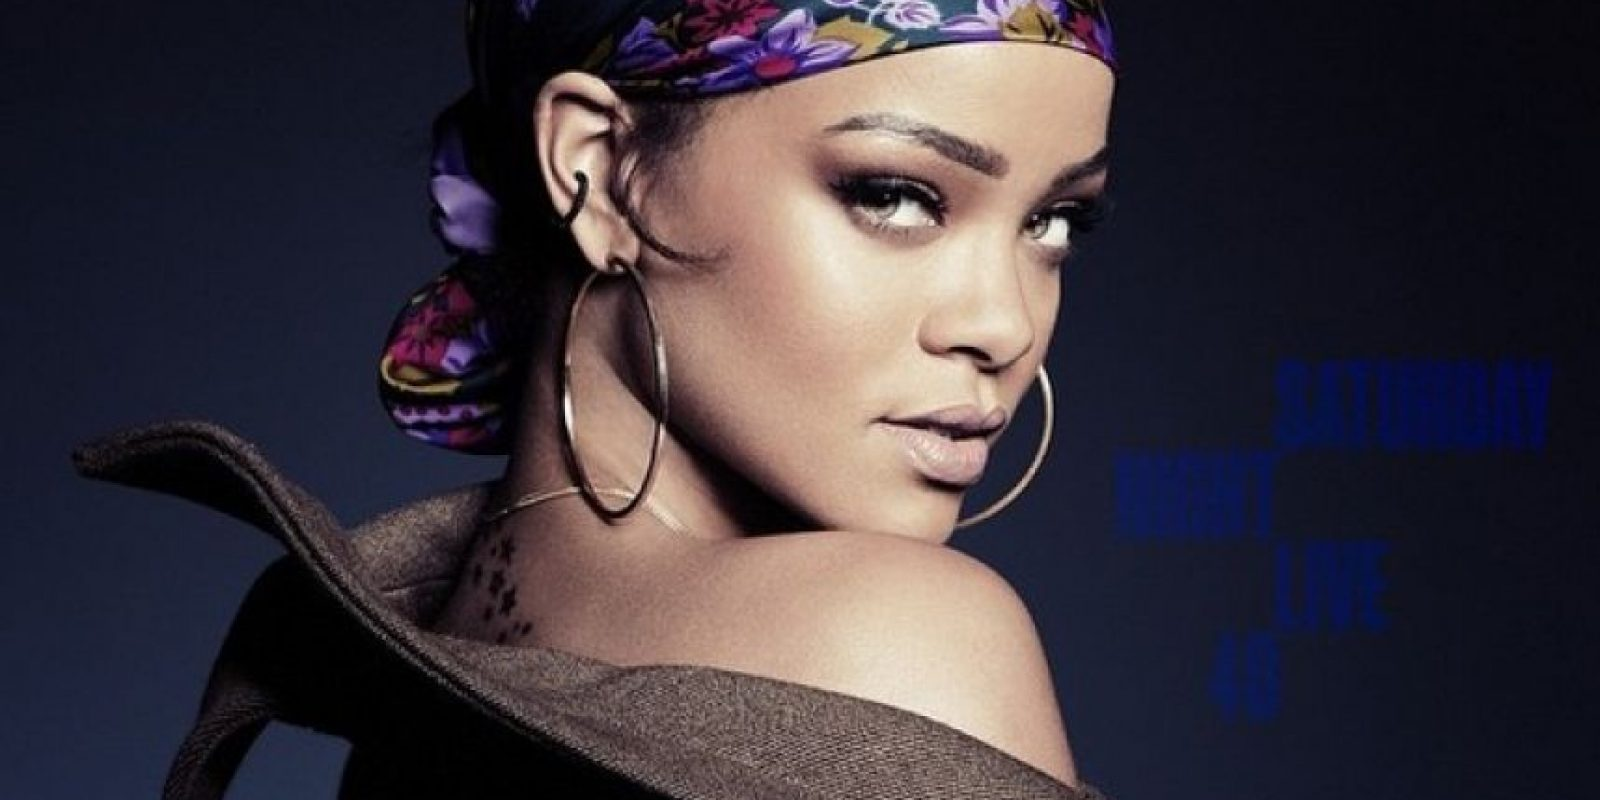 """Rihanna se disfrazó de """"Pebbles"""" para una fiesta temática. Foto:Instagram/badgalriri"""